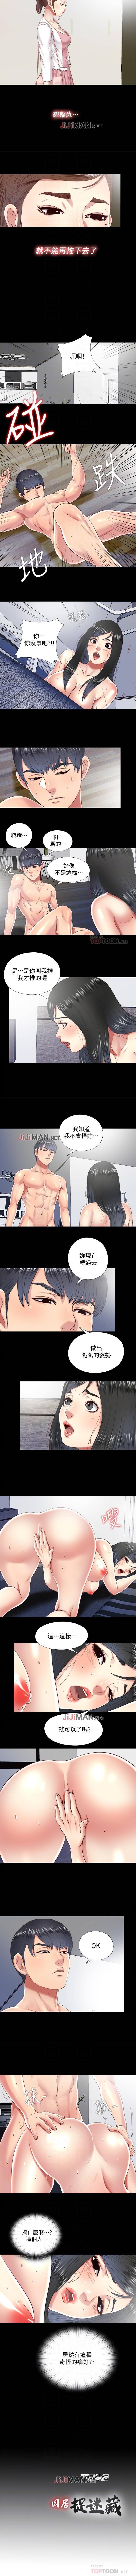 【已完结】同居捉迷藏(作者:林巨星) 第1~30话 70